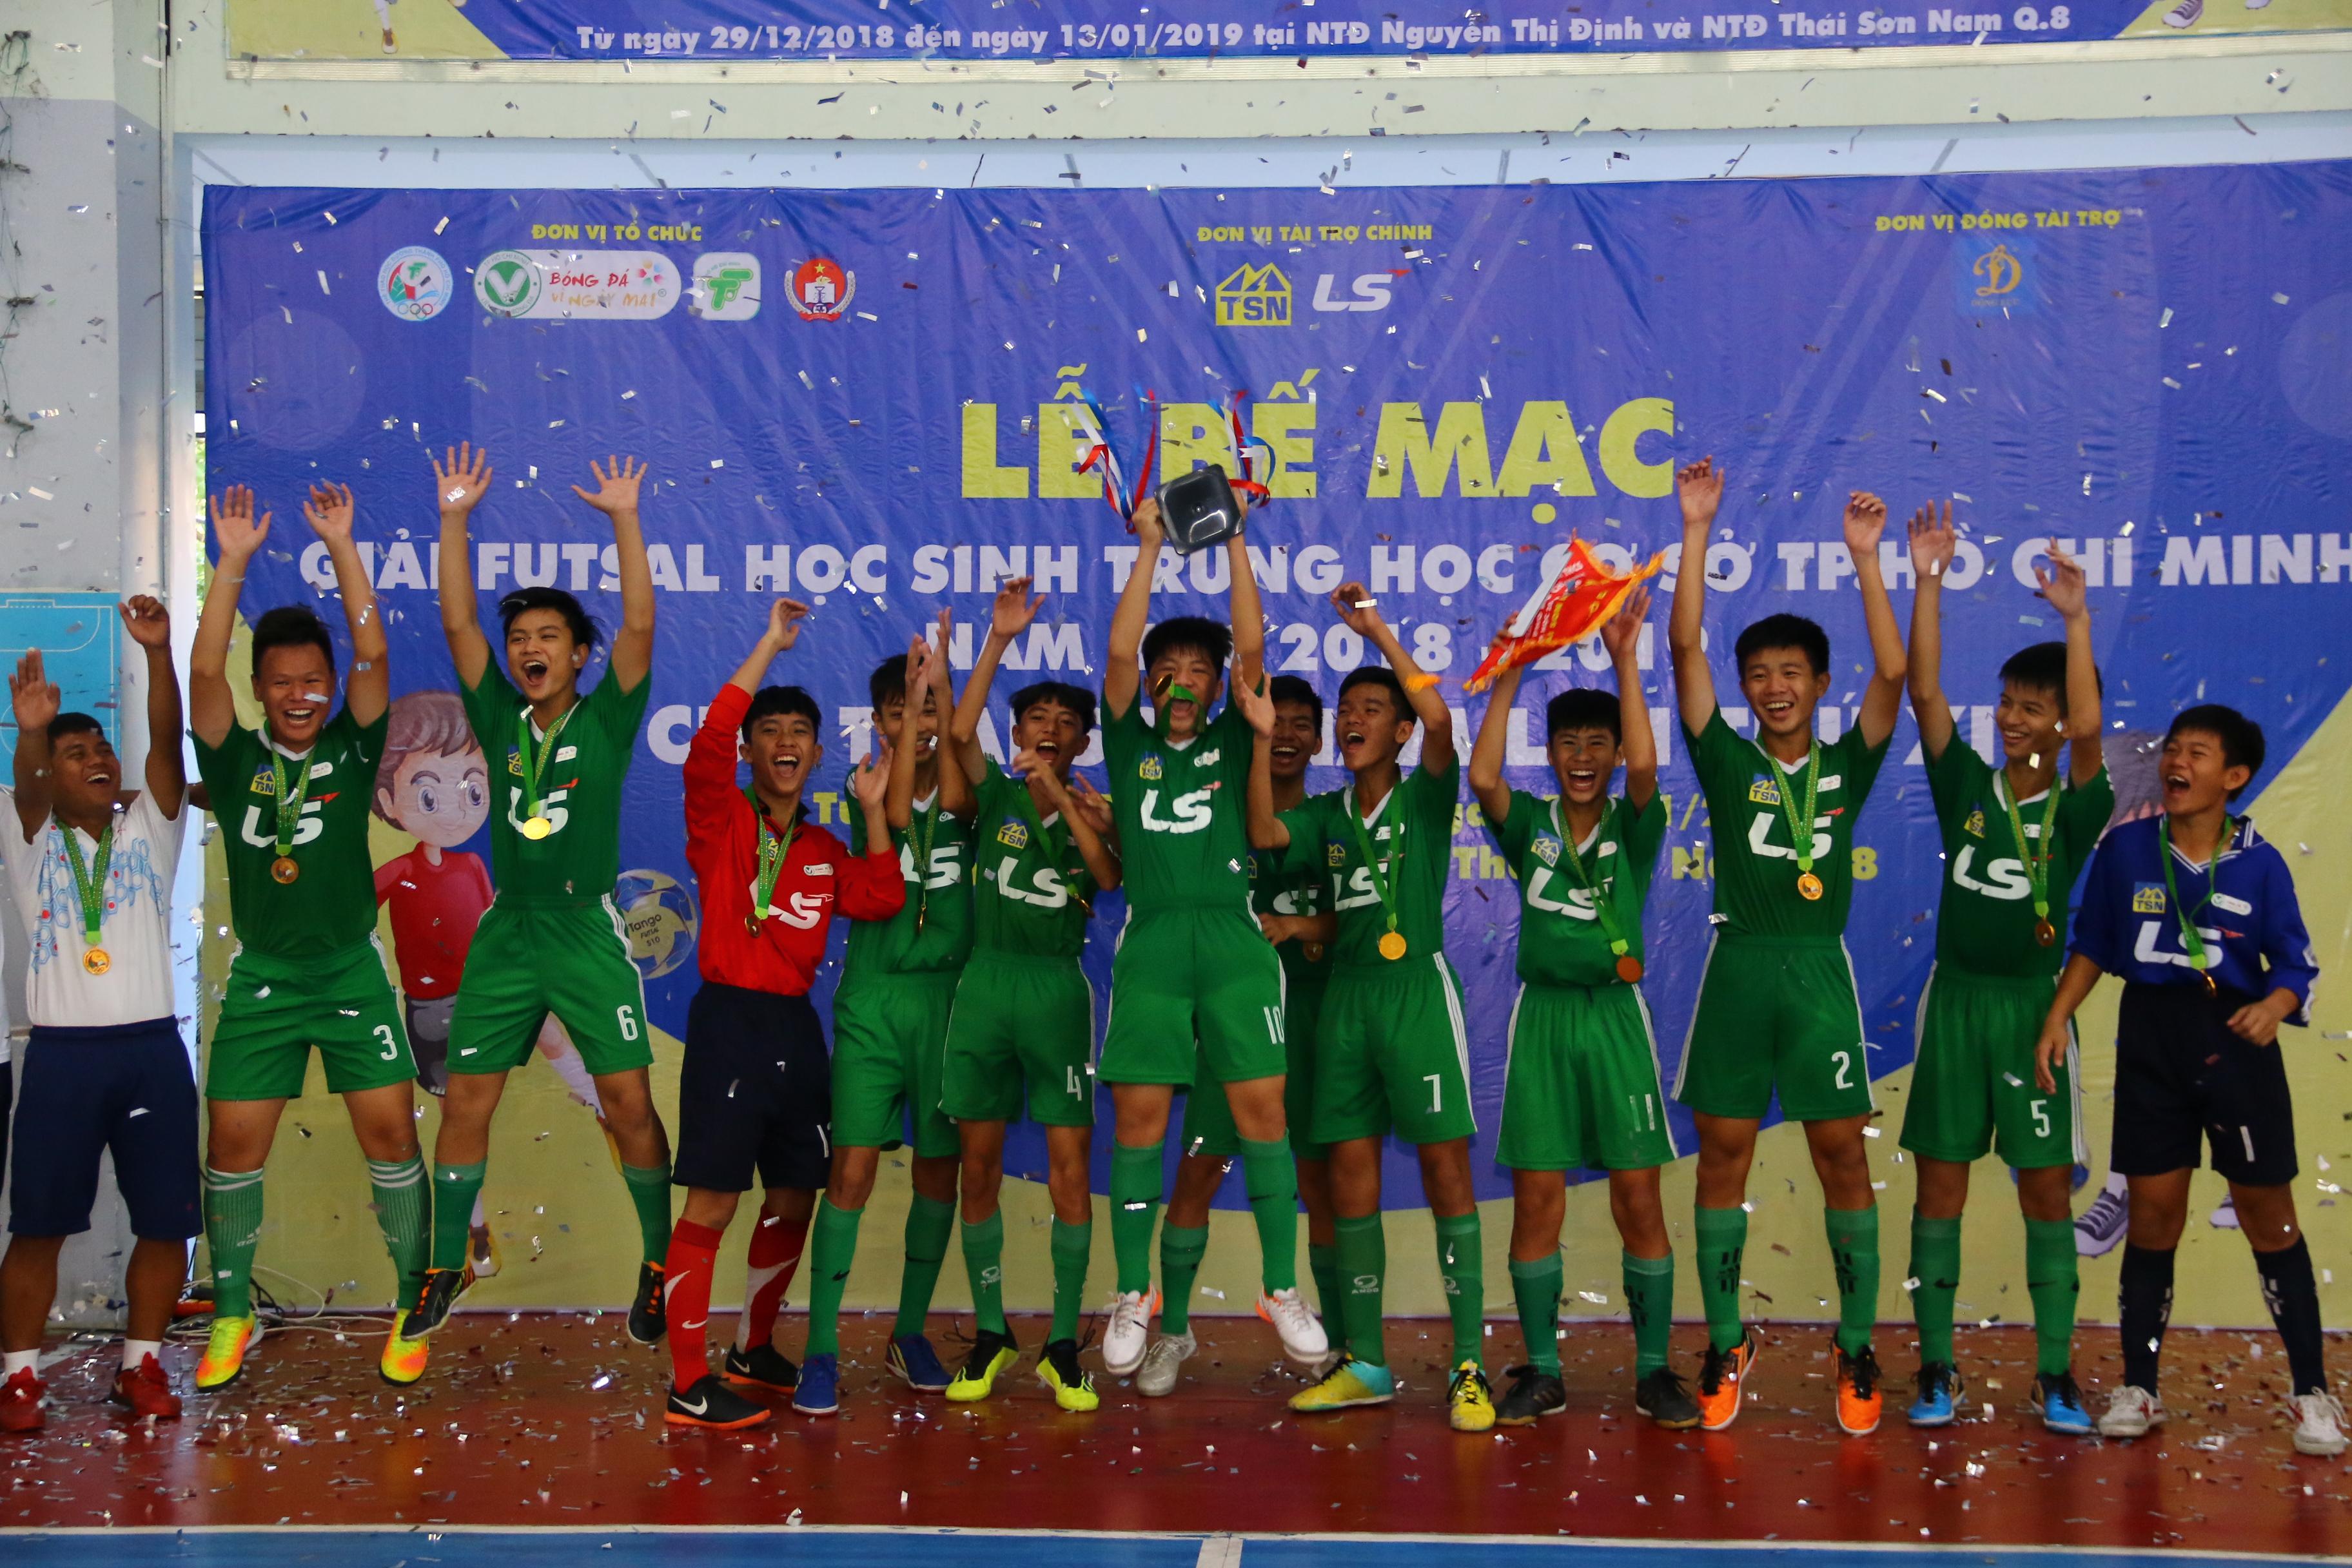 Năng khiếu Nguyễn Thị Định vô địch giải futsal học sinh THCS TPHCM - Bóng Đá